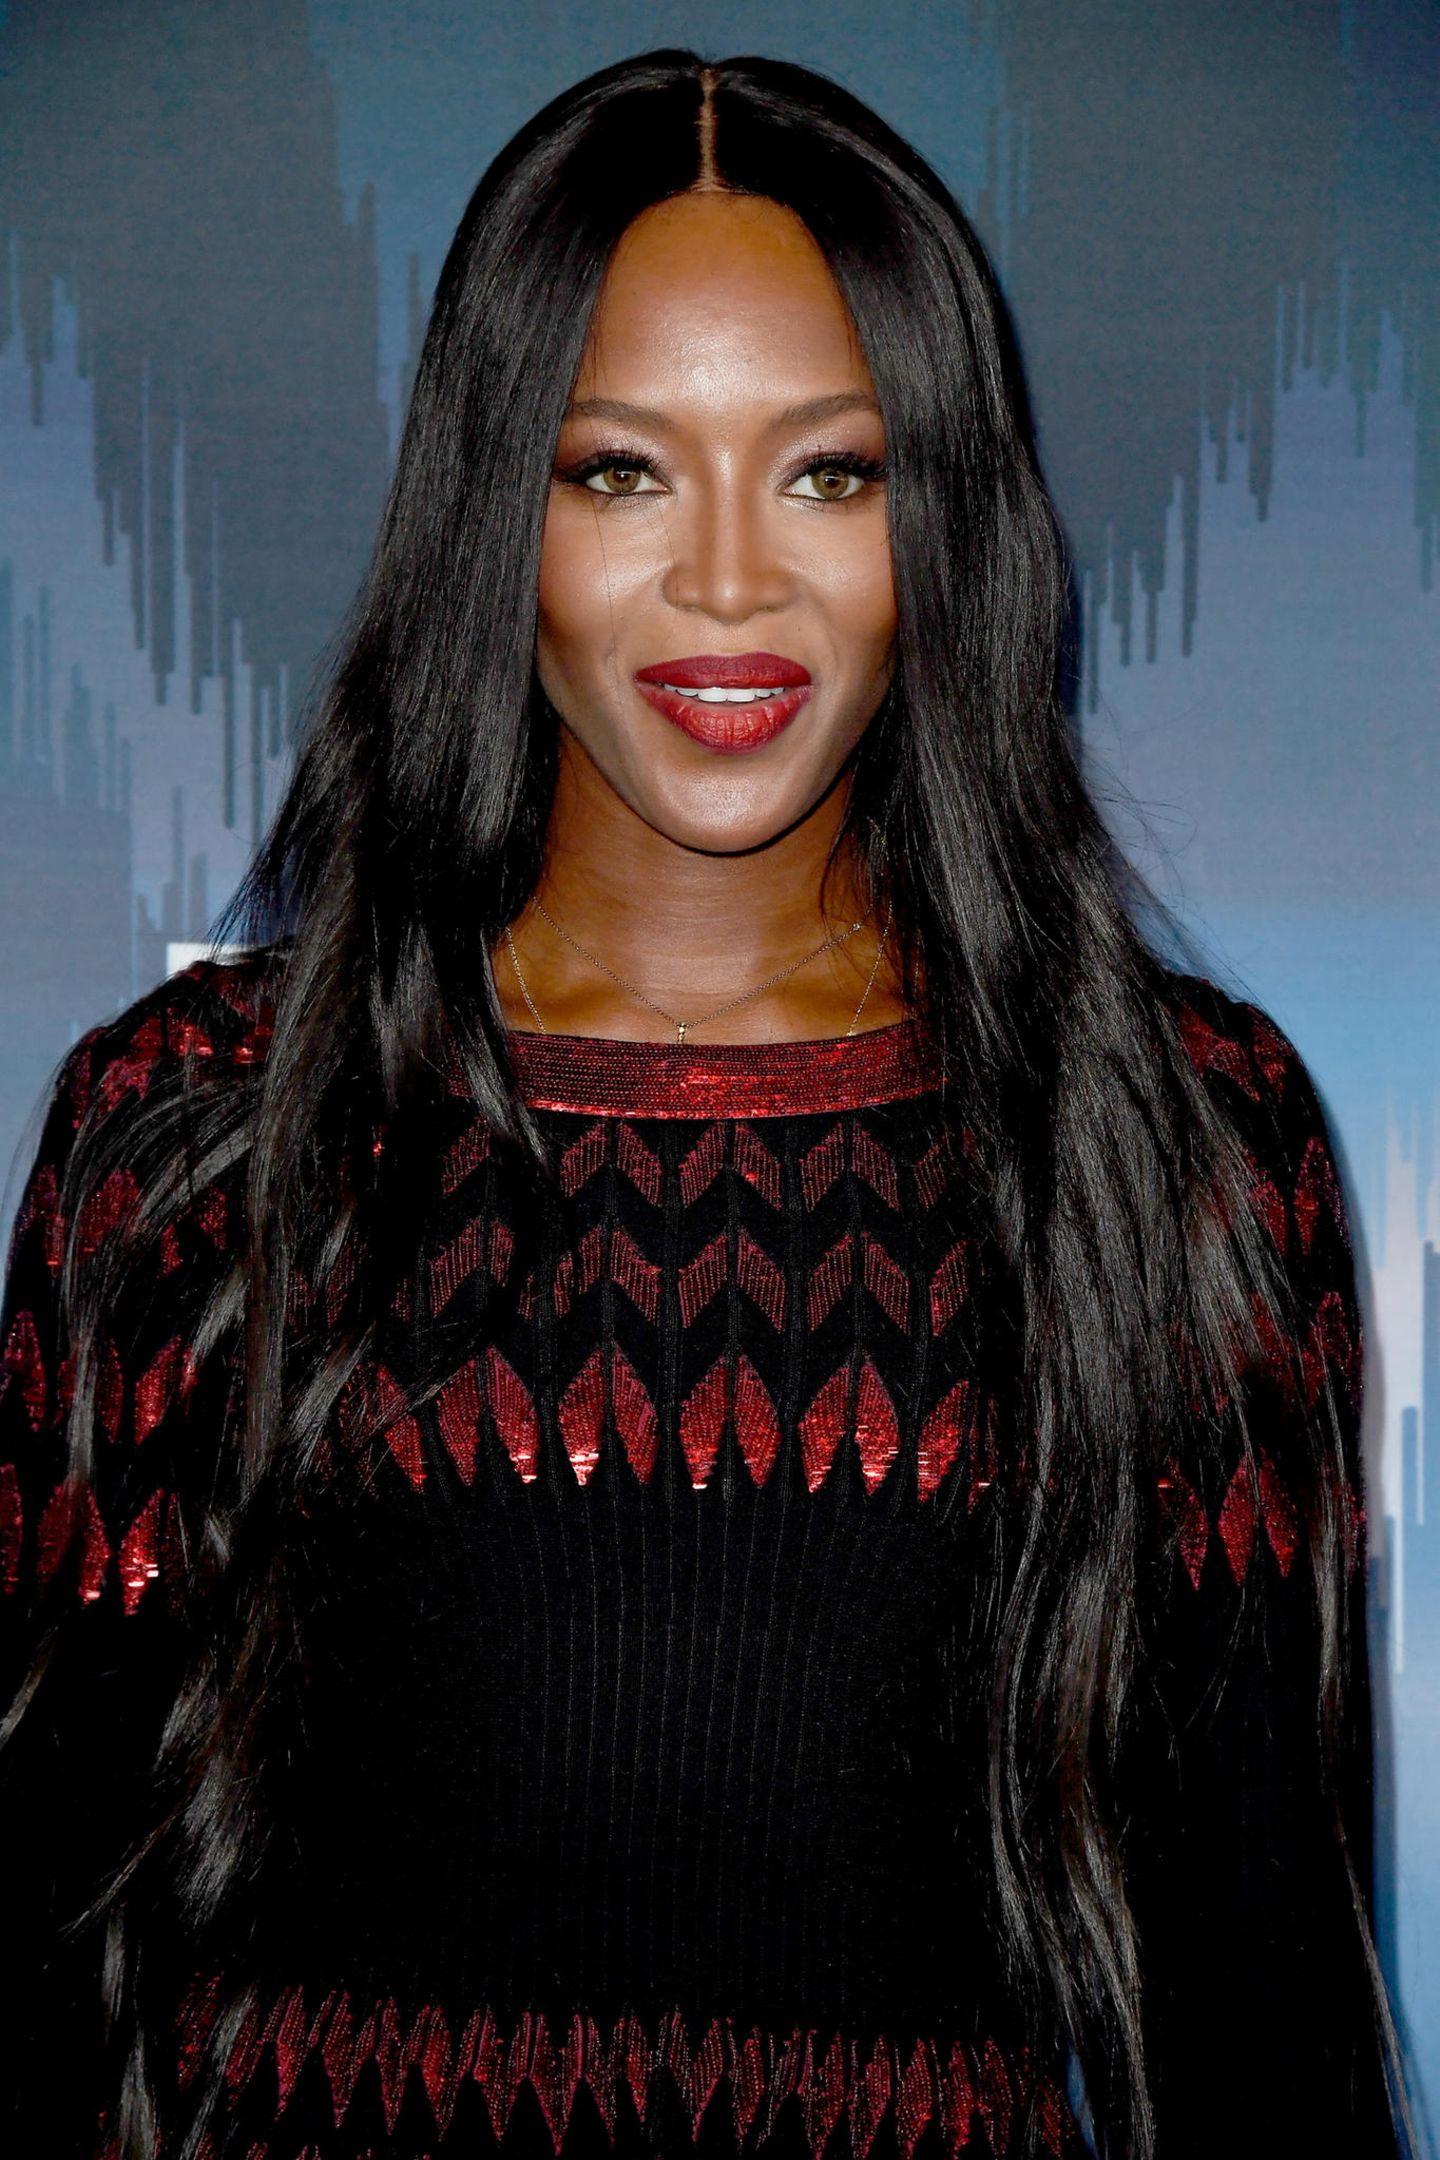 Supermodels vor ihrer Karriere und heute: Naomi Campbell heute